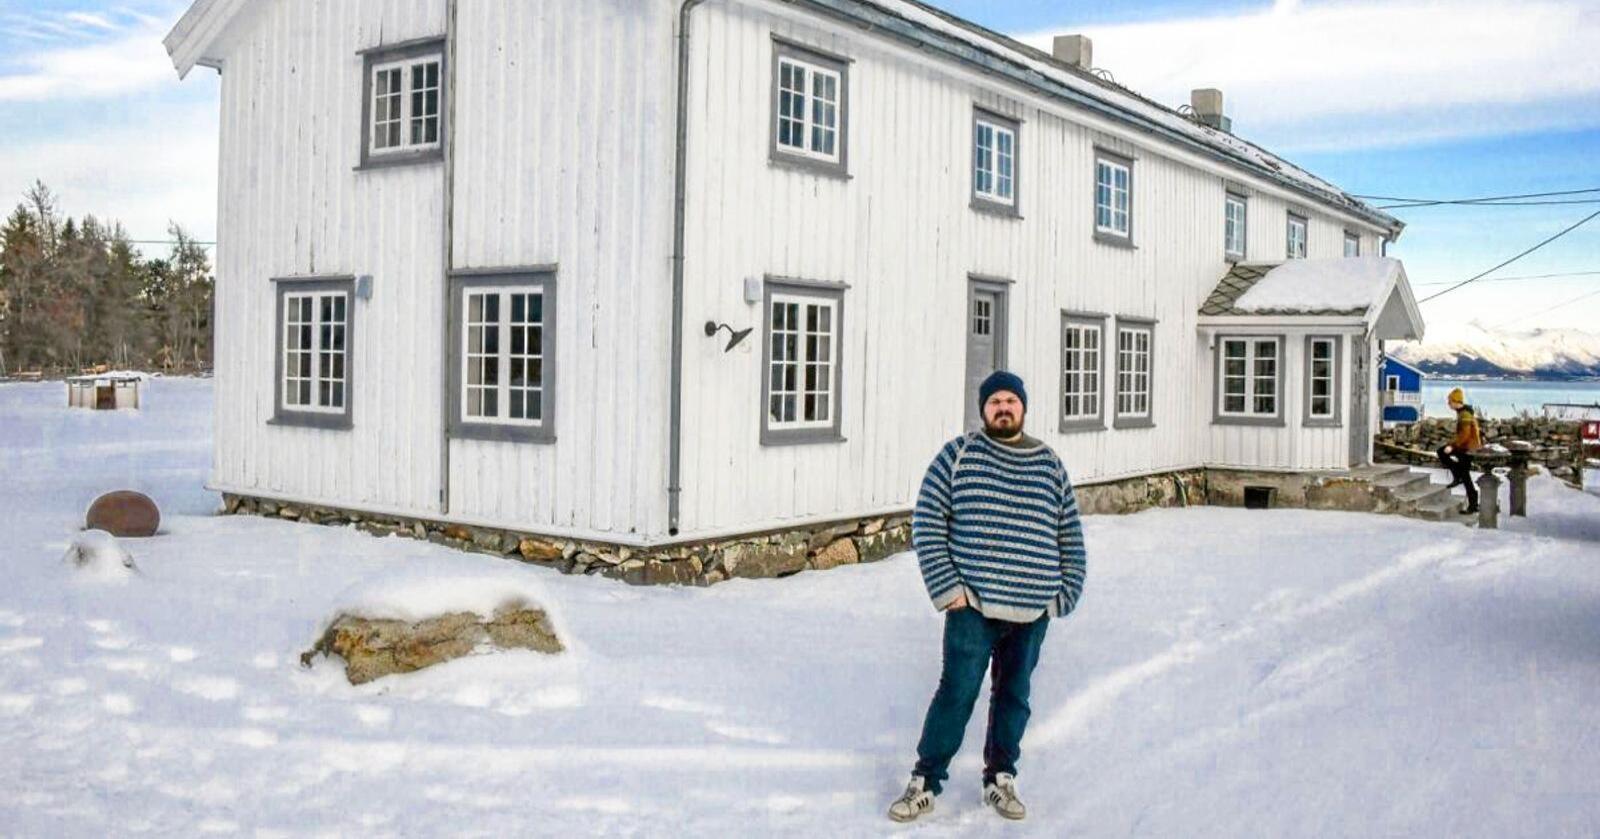 Norgesmester i ny kamp: Mesterkokken Halvar Ellingsen slåss for fortsatt drift på historiske Kvitnes gård i Vesterålen. Foto: Jens Andre M. Birkeland/Bladet Vesterålen.